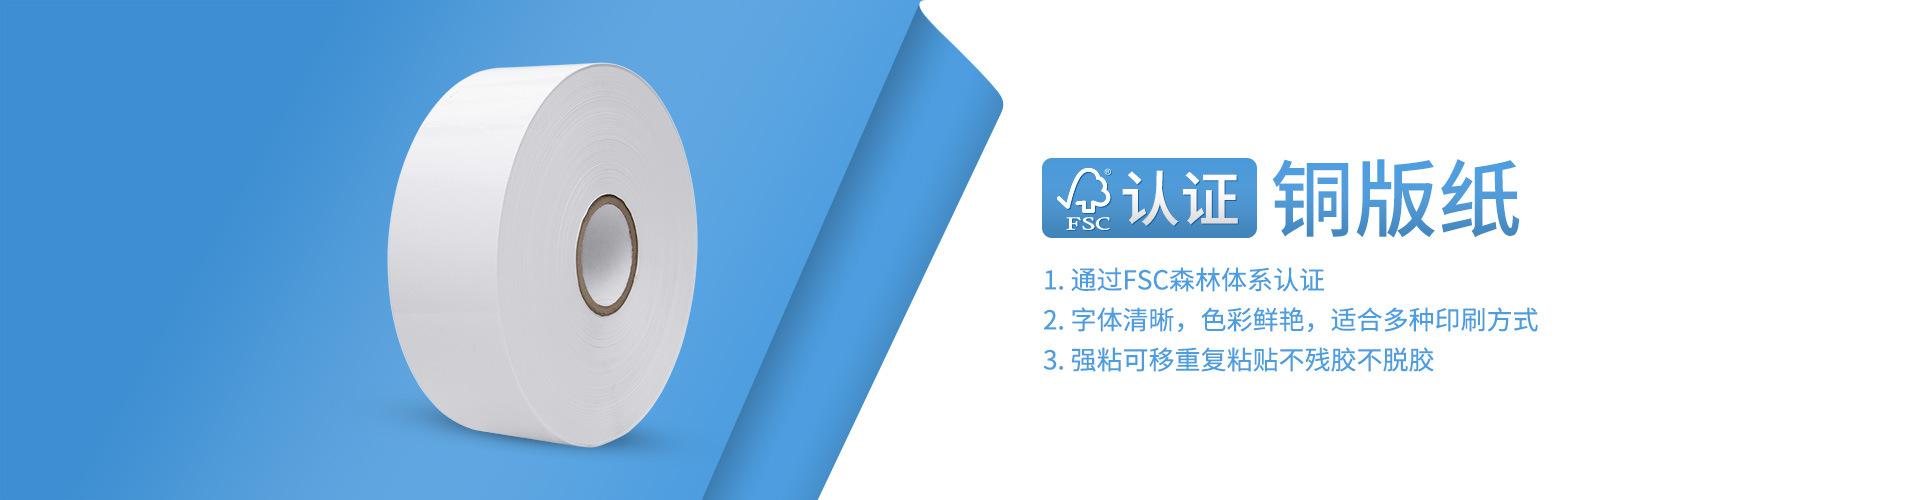 深圳昌茂粘胶新材料有限公司